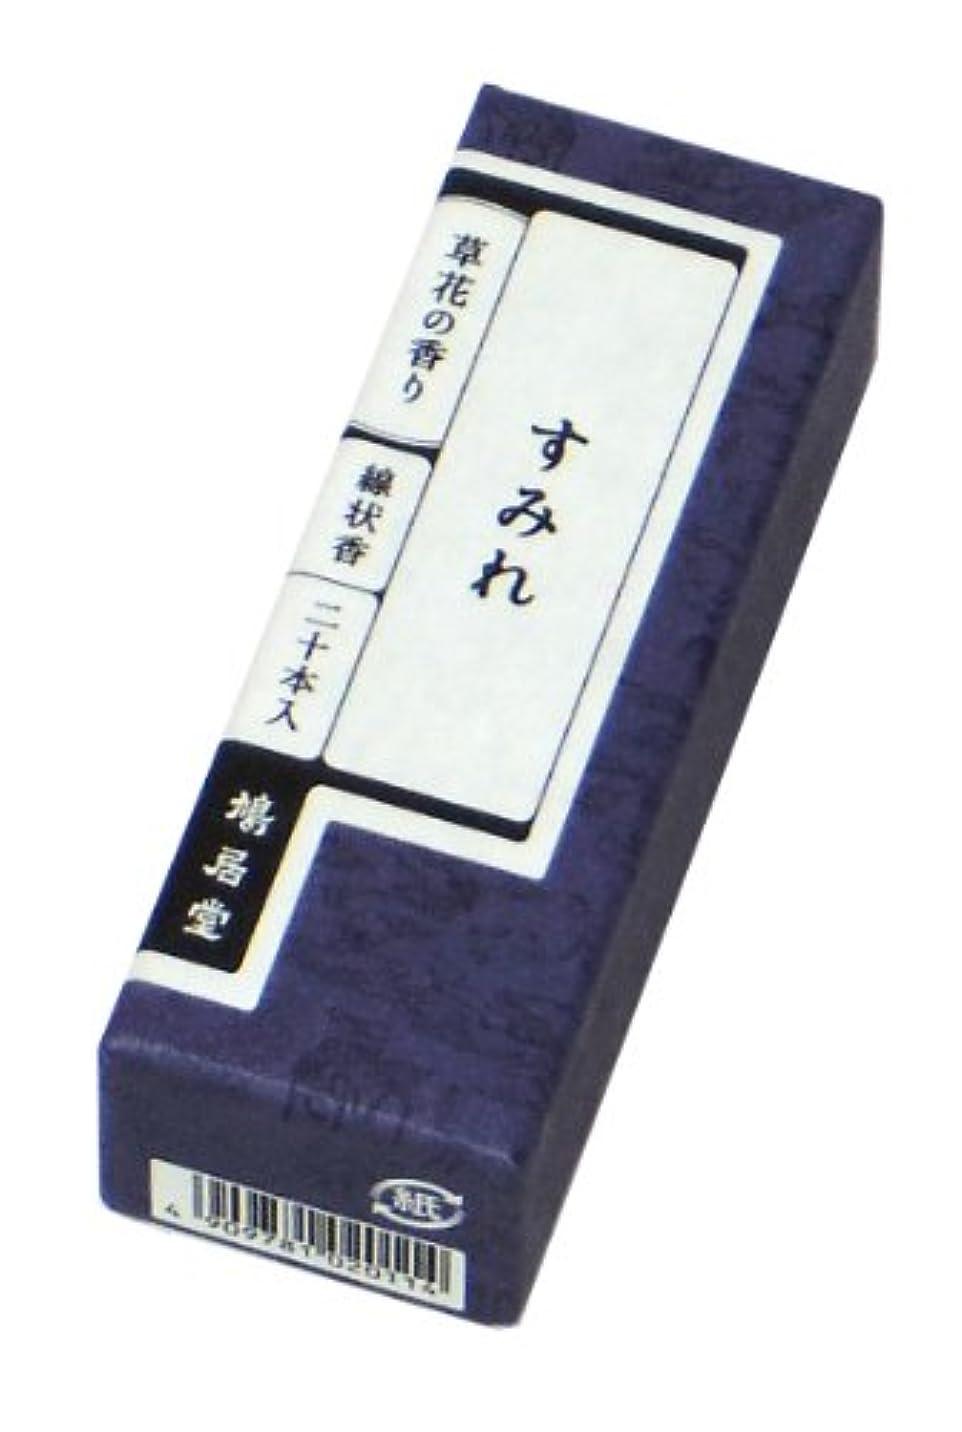 スーパーマーケットエキゾチック効果鳩居堂のお香 草花の香り すみれ 20本入 6cm